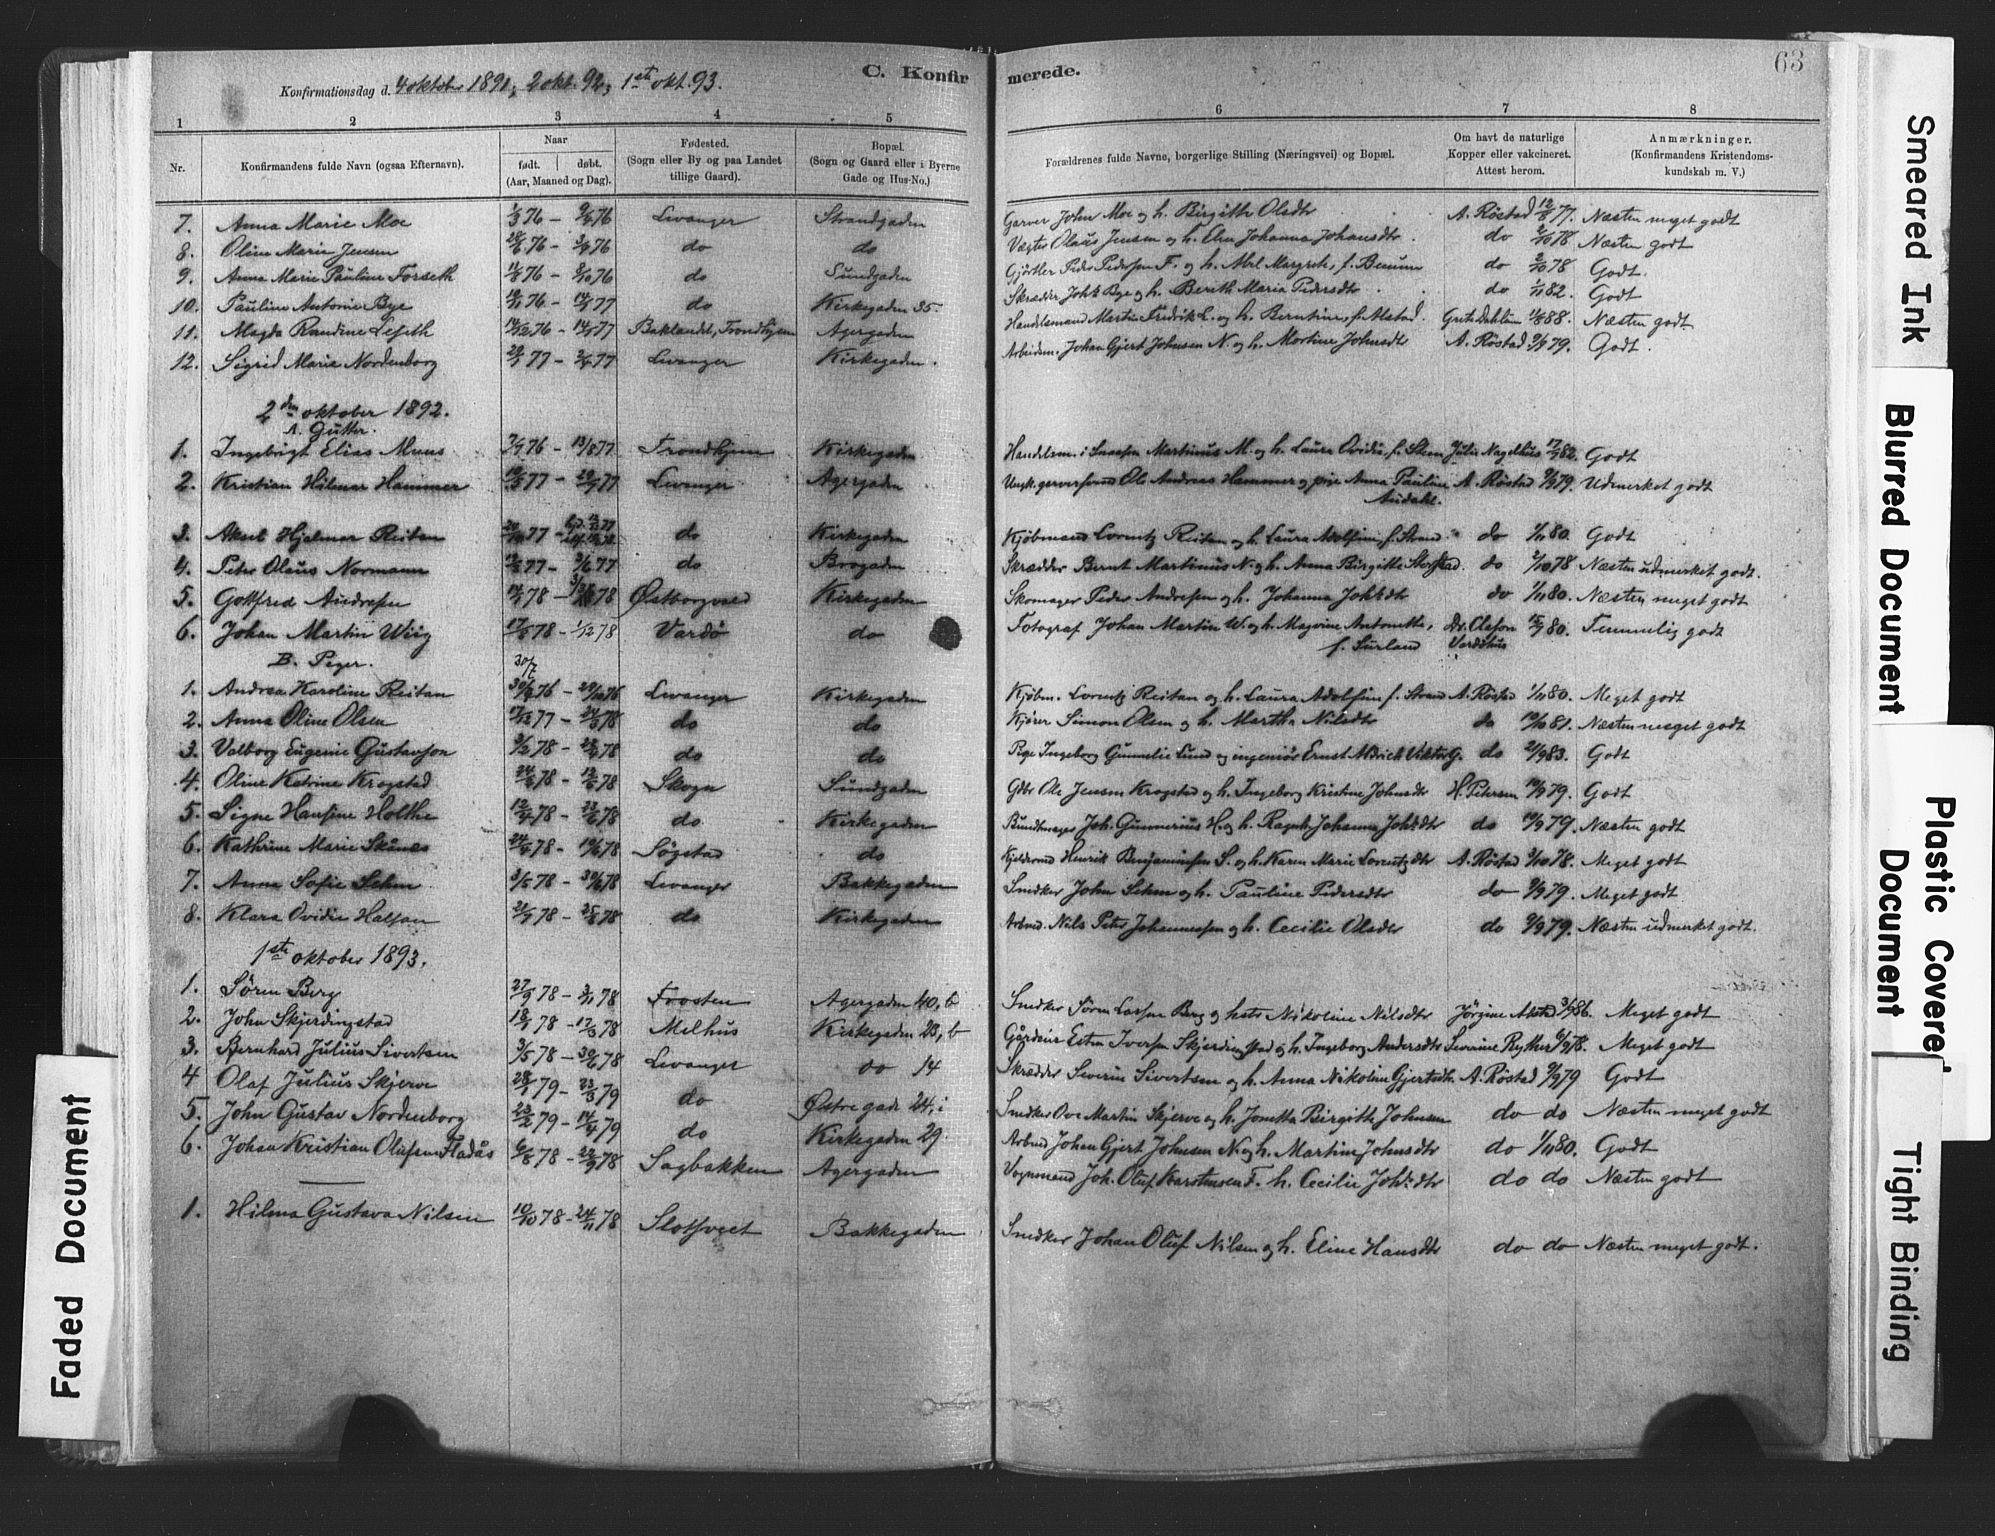 SAT, Ministerialprotokoller, klokkerbøker og fødselsregistre - Nord-Trøndelag, 720/L0189: Ministerialbok nr. 720A05, 1880-1911, s. 63